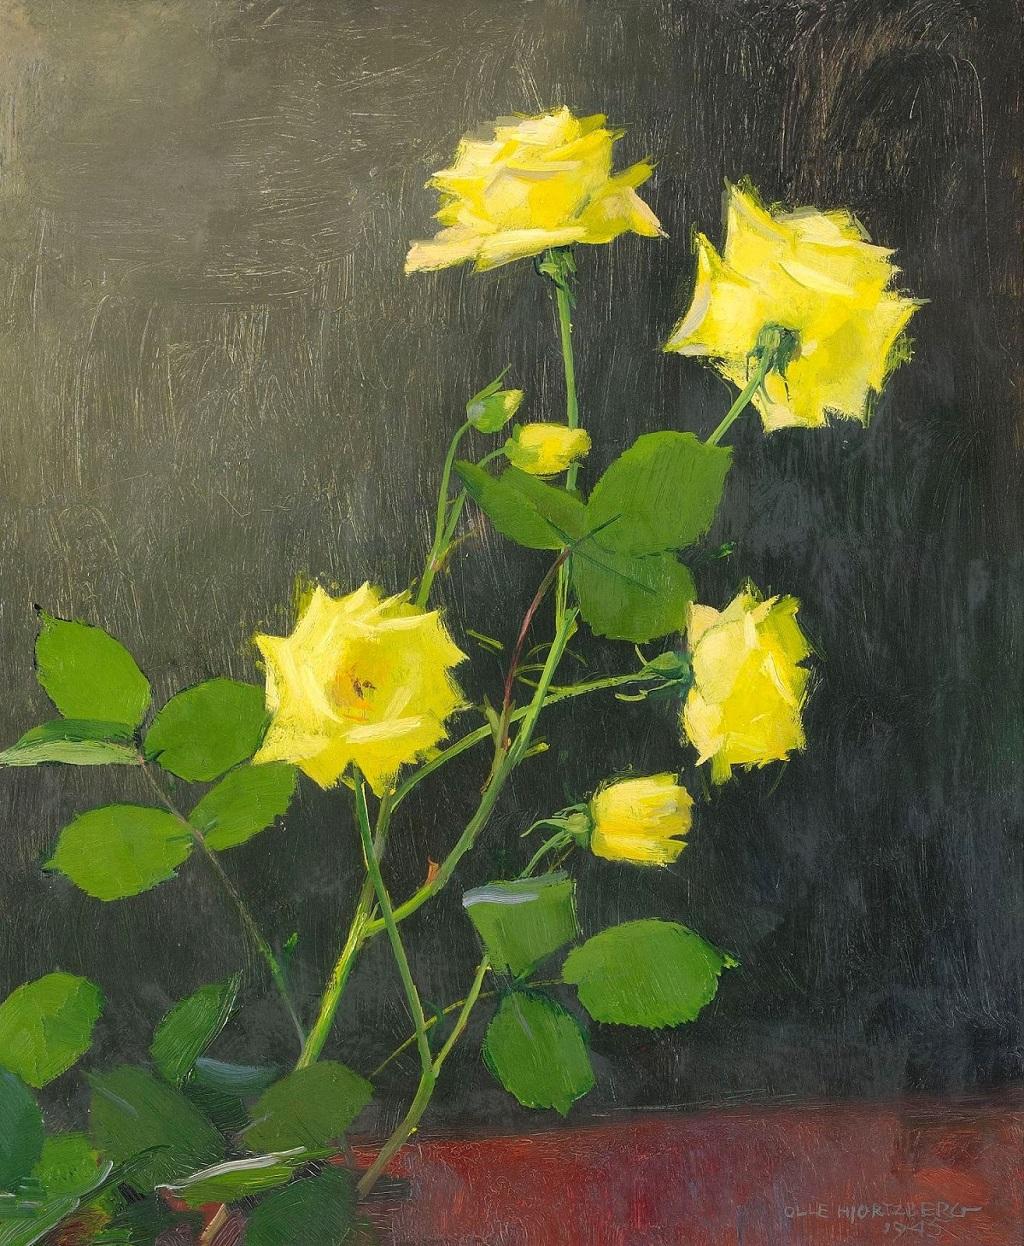 32-1945_Желтые розы_64 x 53_д.,м._Частное собрание.jpg